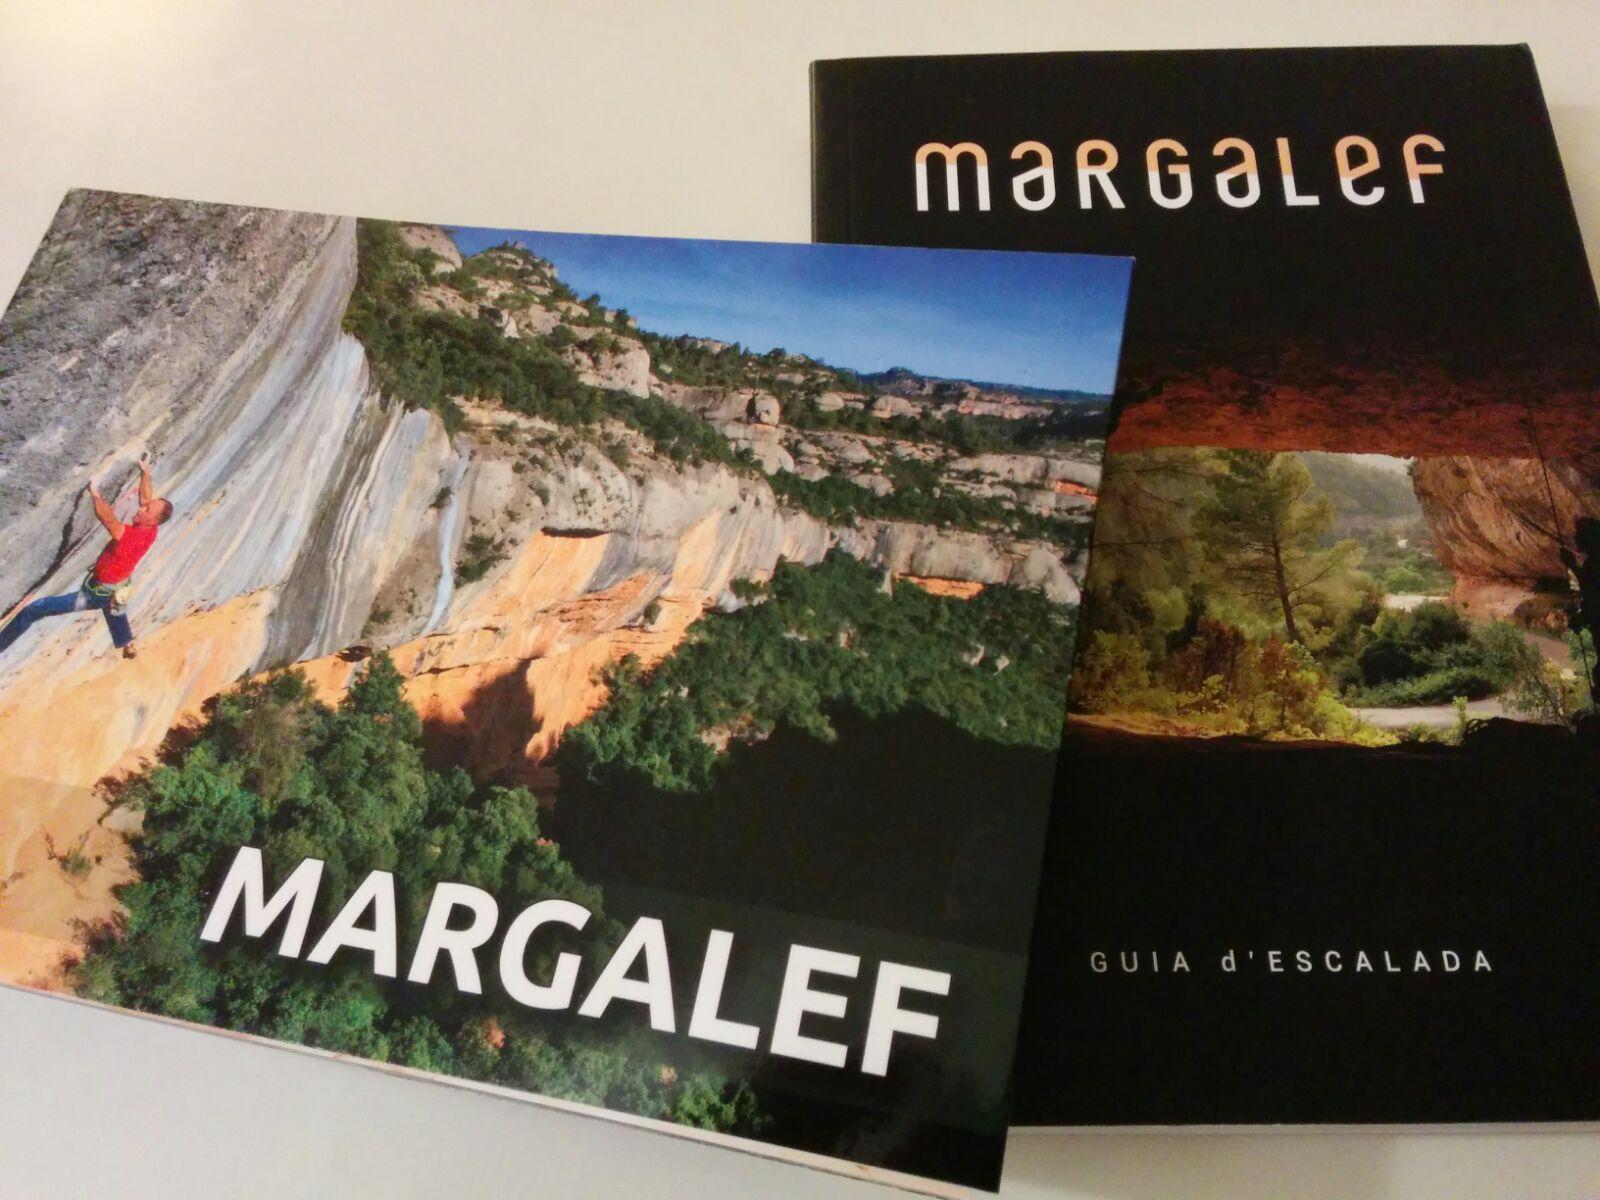 Margalef guías de escalada deportiva